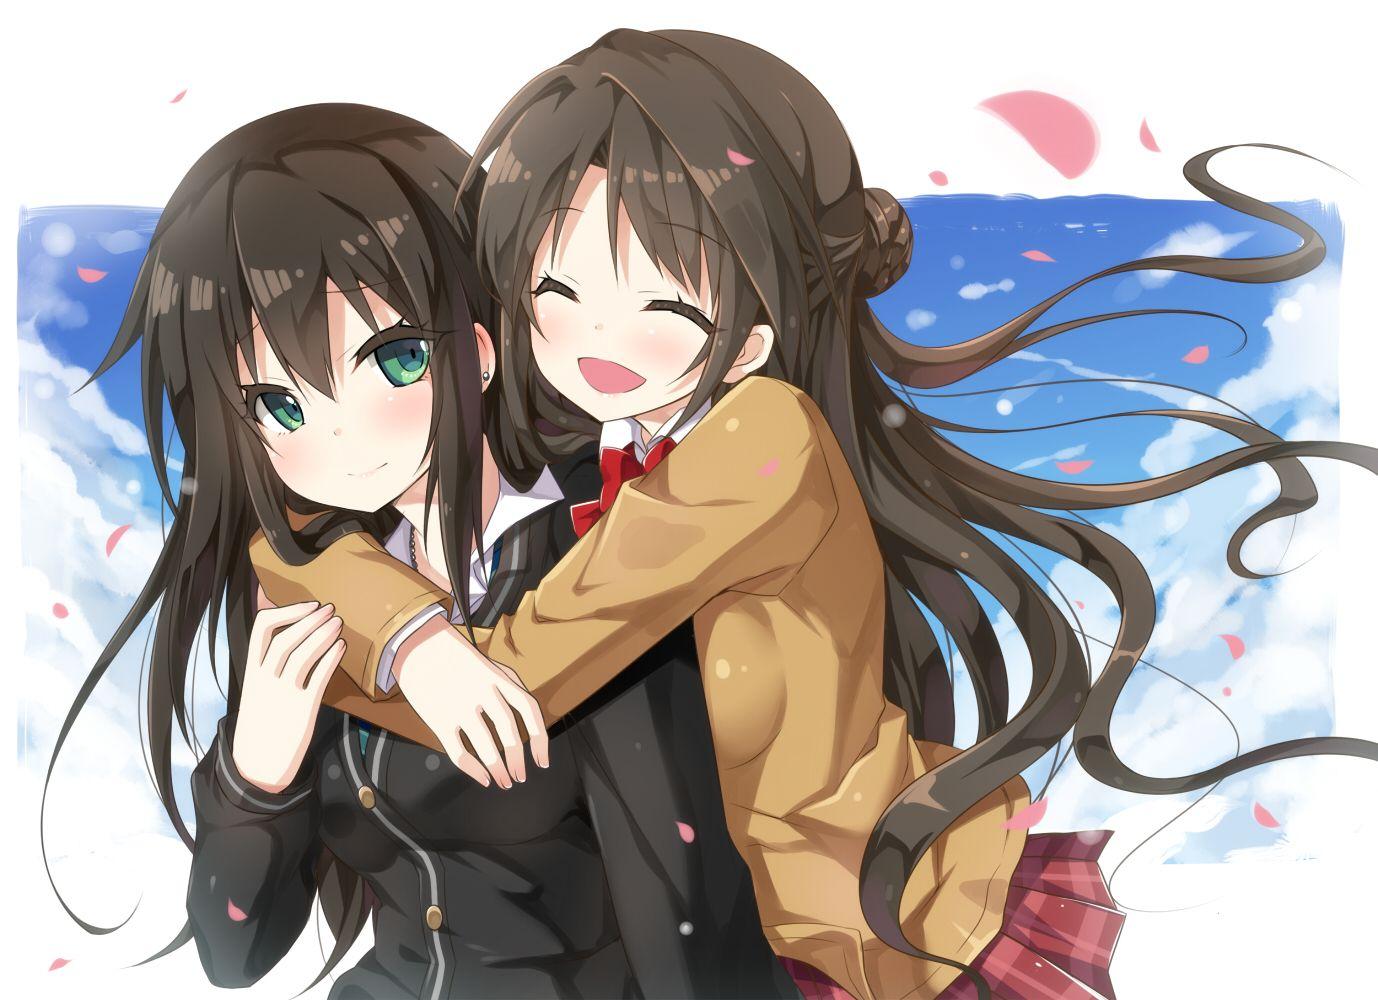 2girls blush brown hair green eyes hug idolmaster